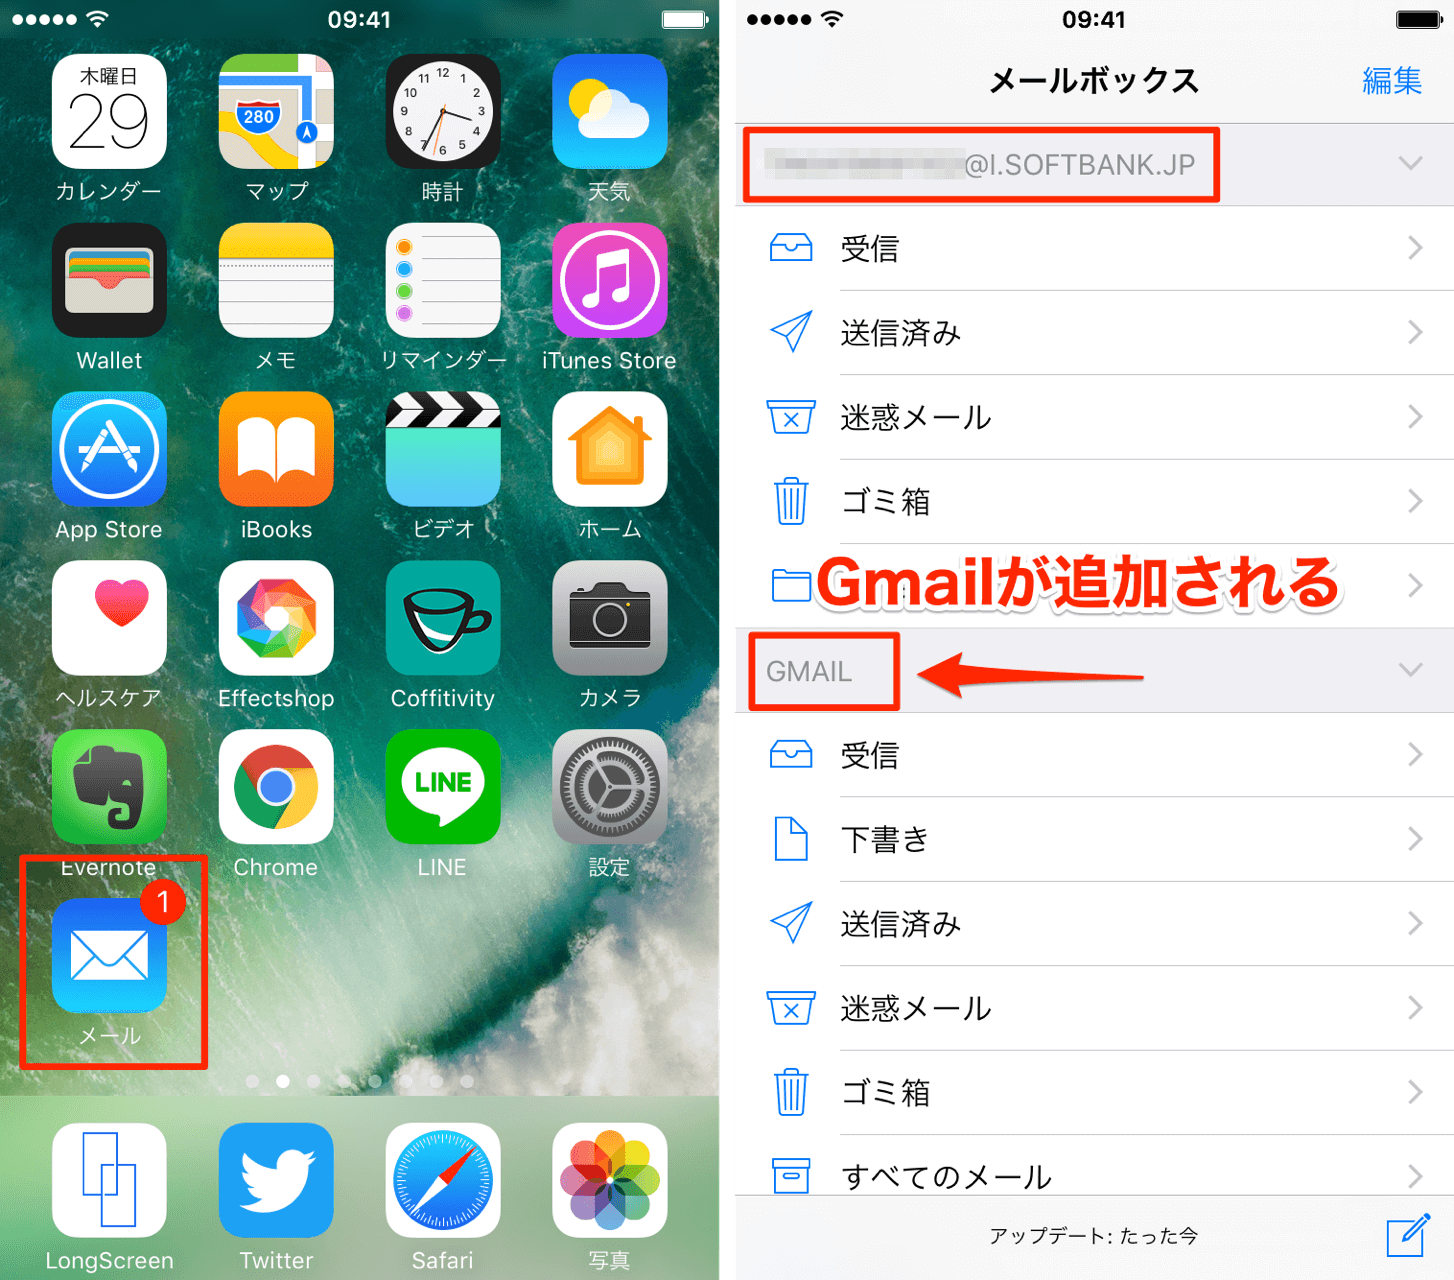 IPhone-メール-gmailが表示される